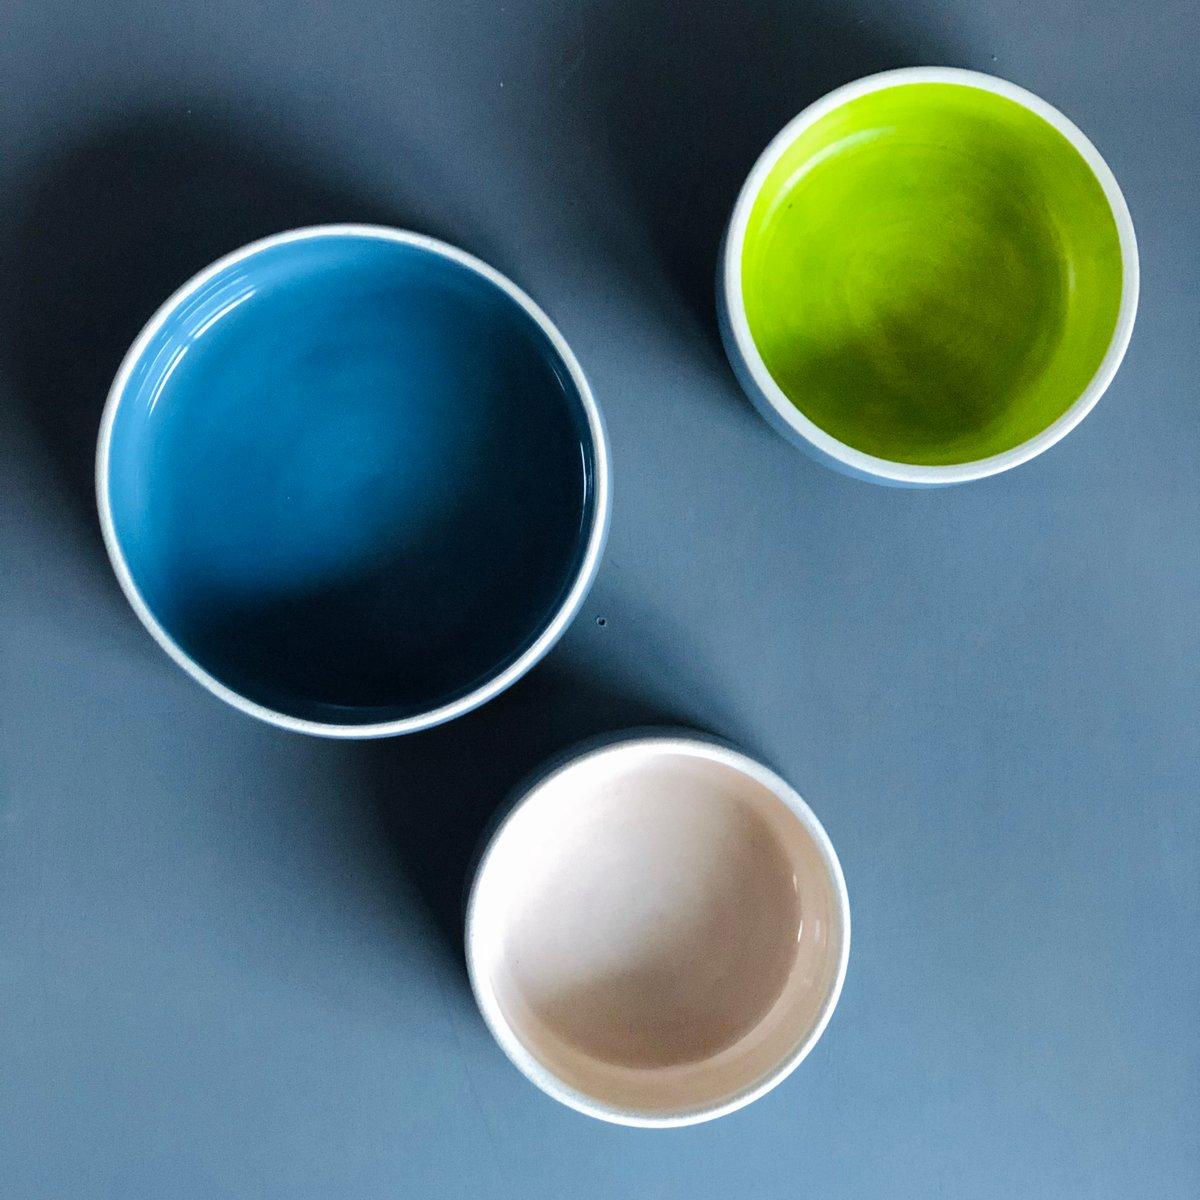 Image of Mod dog bowls